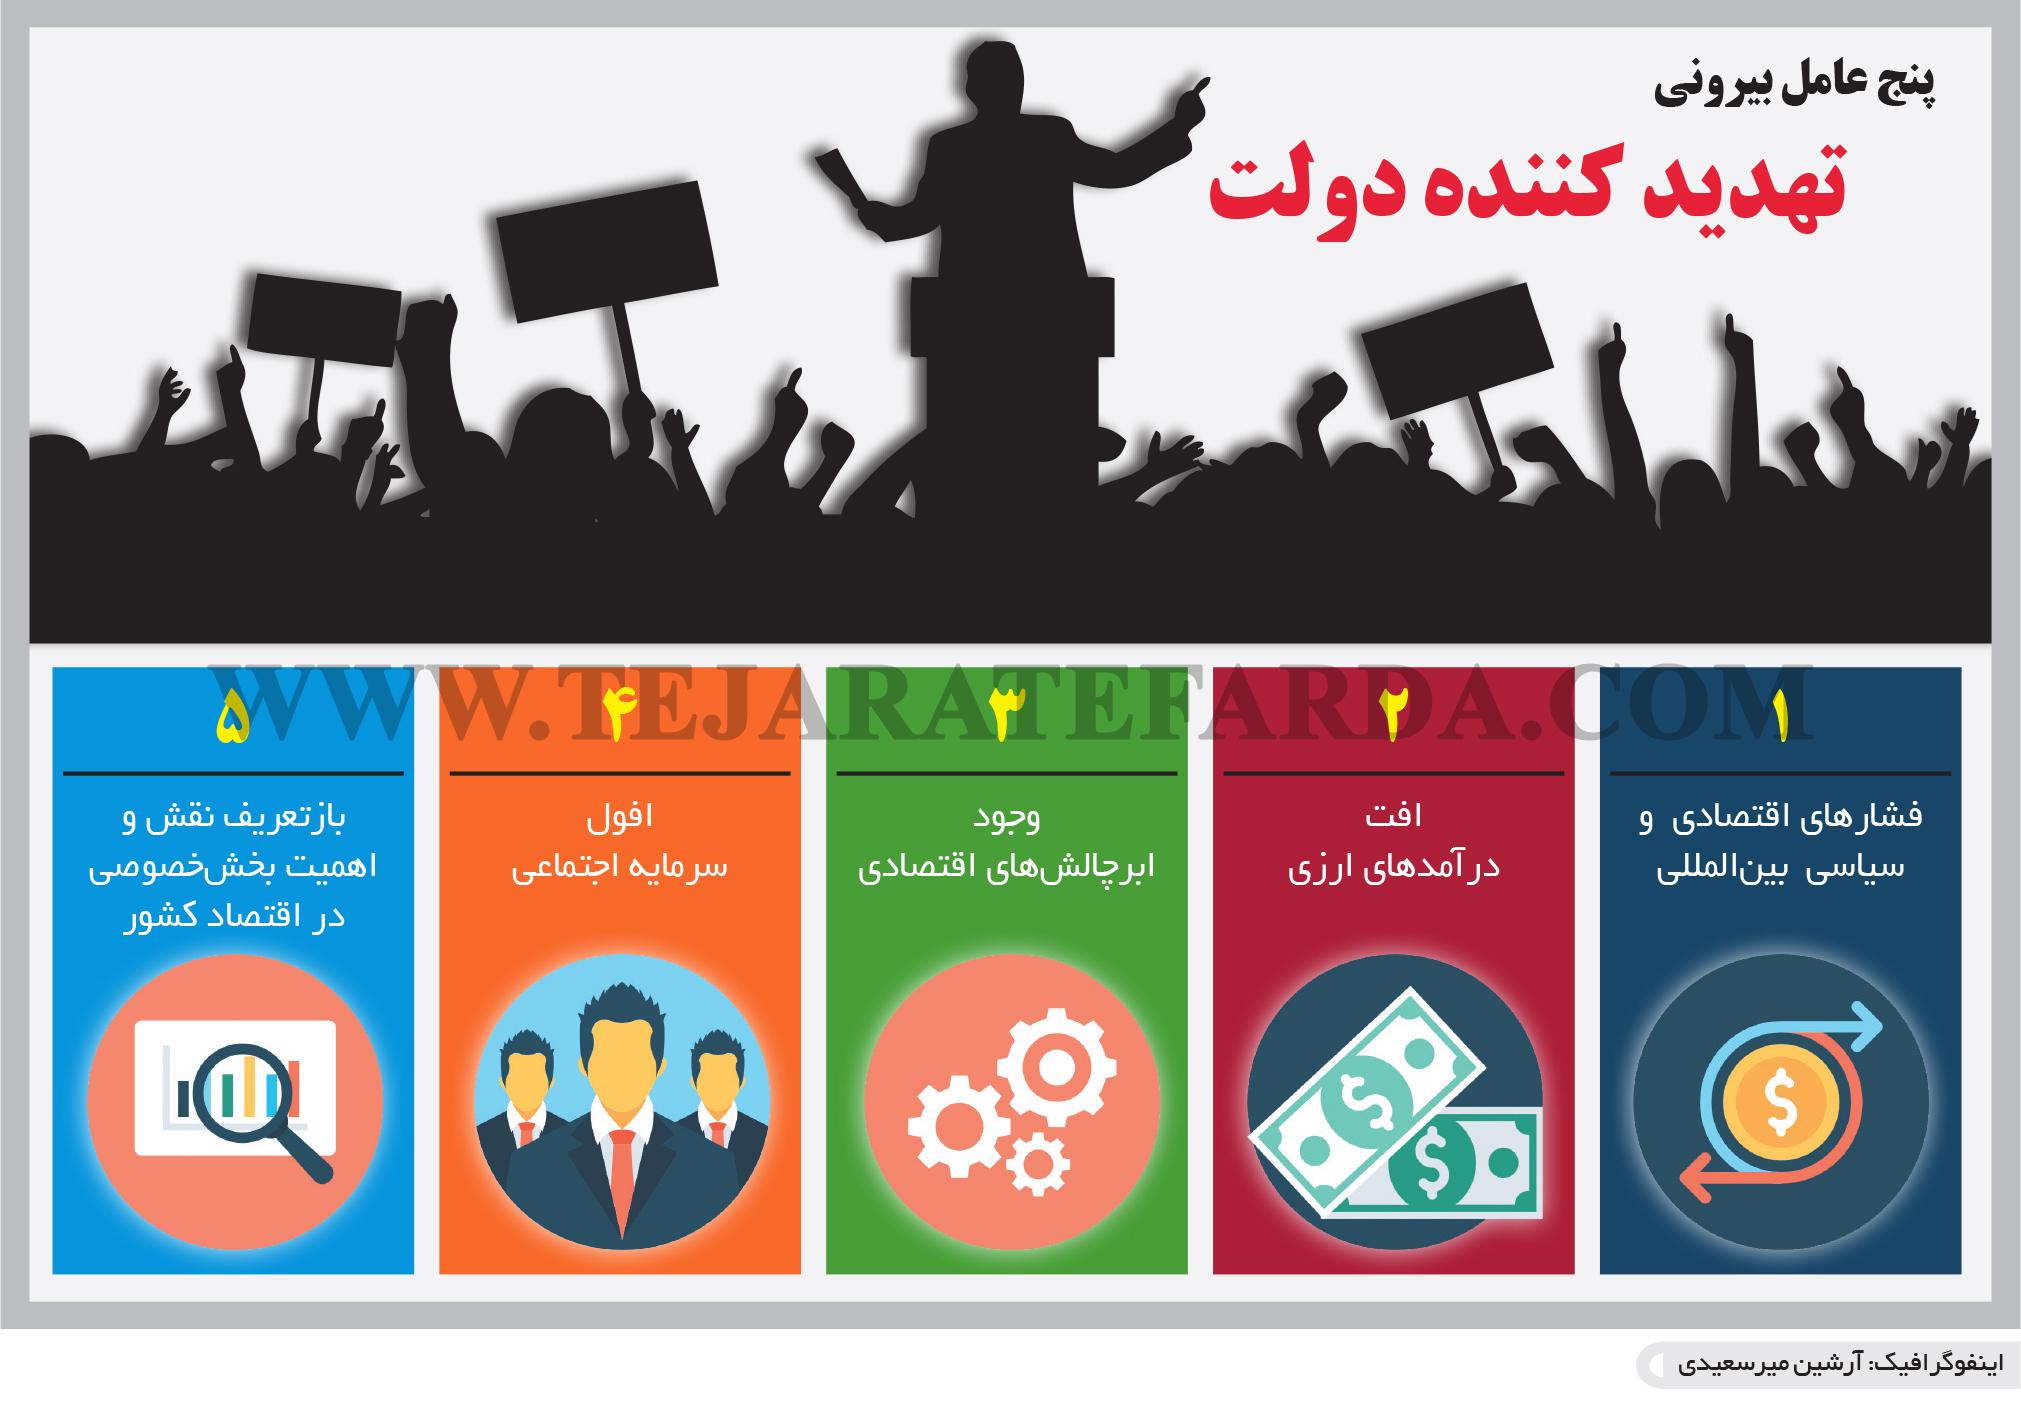 تجارت فردا- اینفوگرافیک- پنج عامل بیرونی تهدید کننده دولت